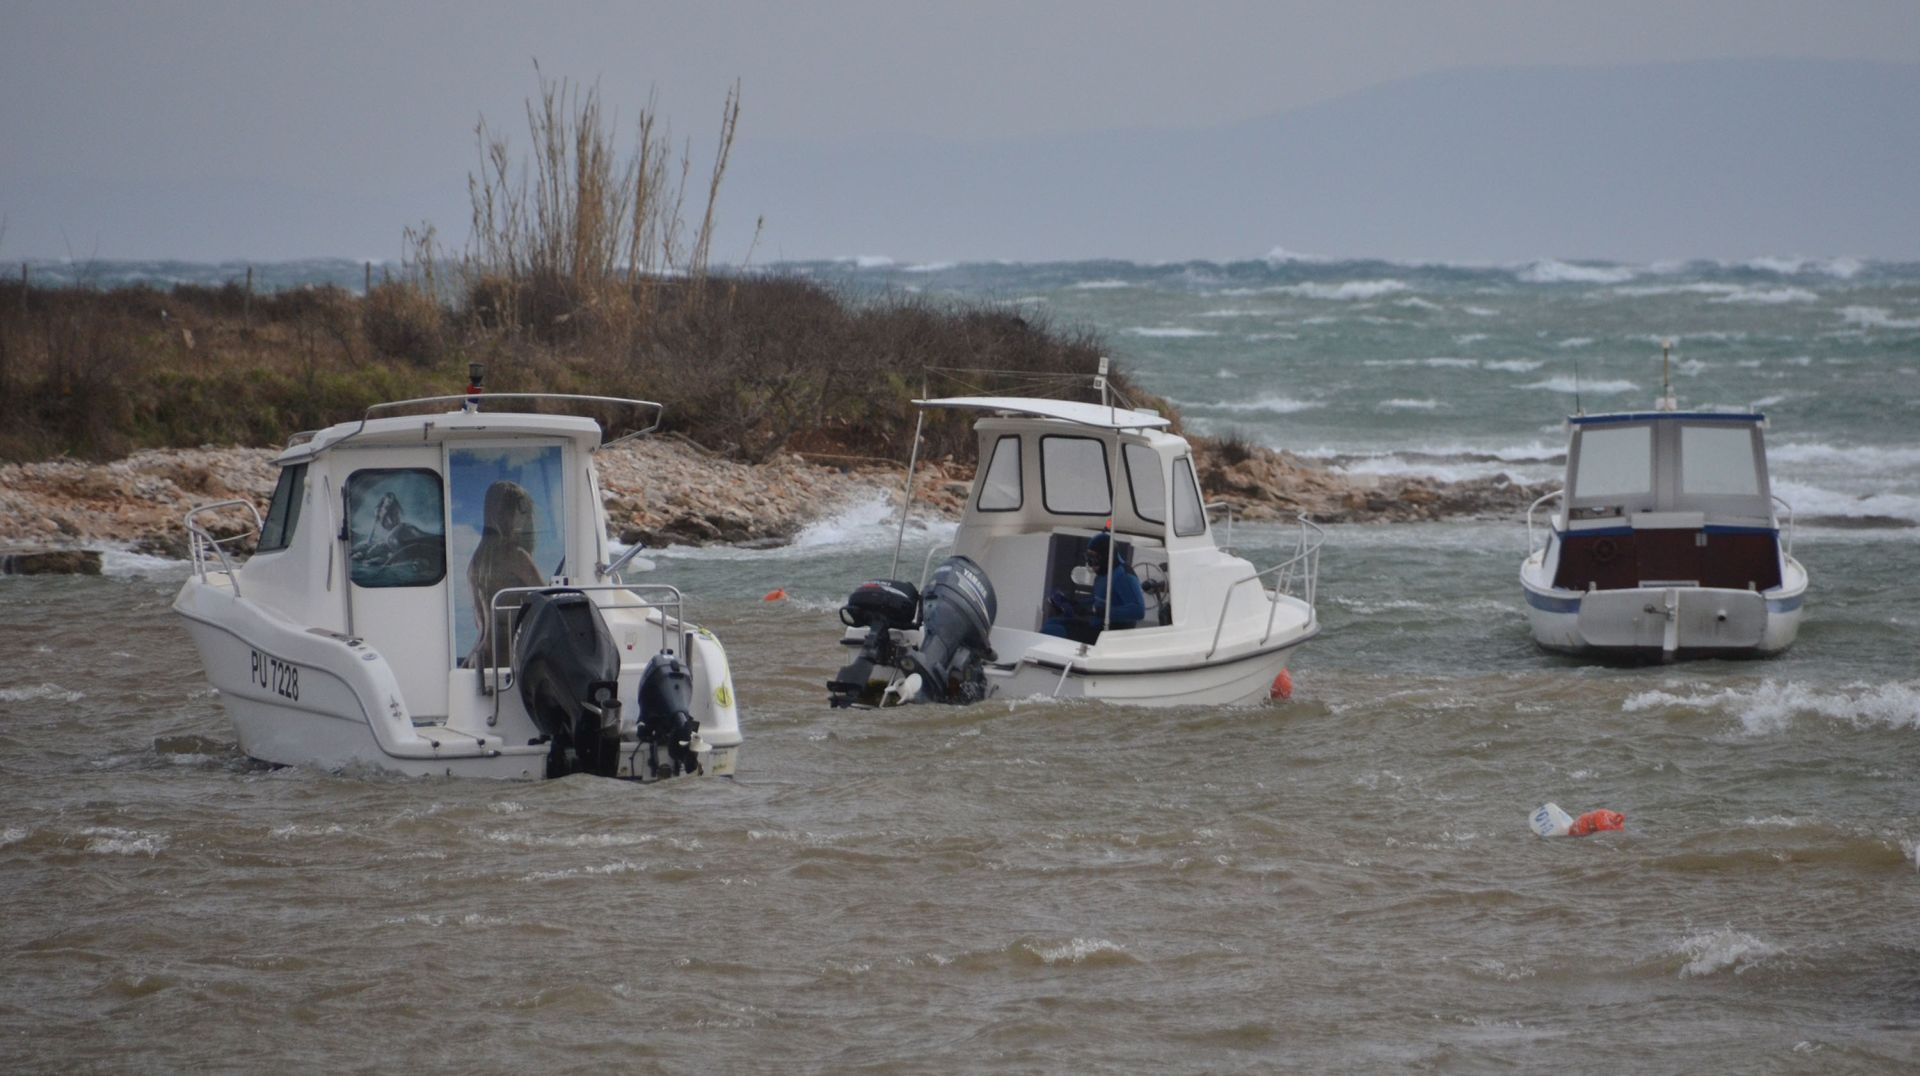 JAKO NEVRIJEME ZAHVATILO ISTRU: Grmljavinski pljuskovi i olujni vjetar, gužve na izlazu iz Istarske županije